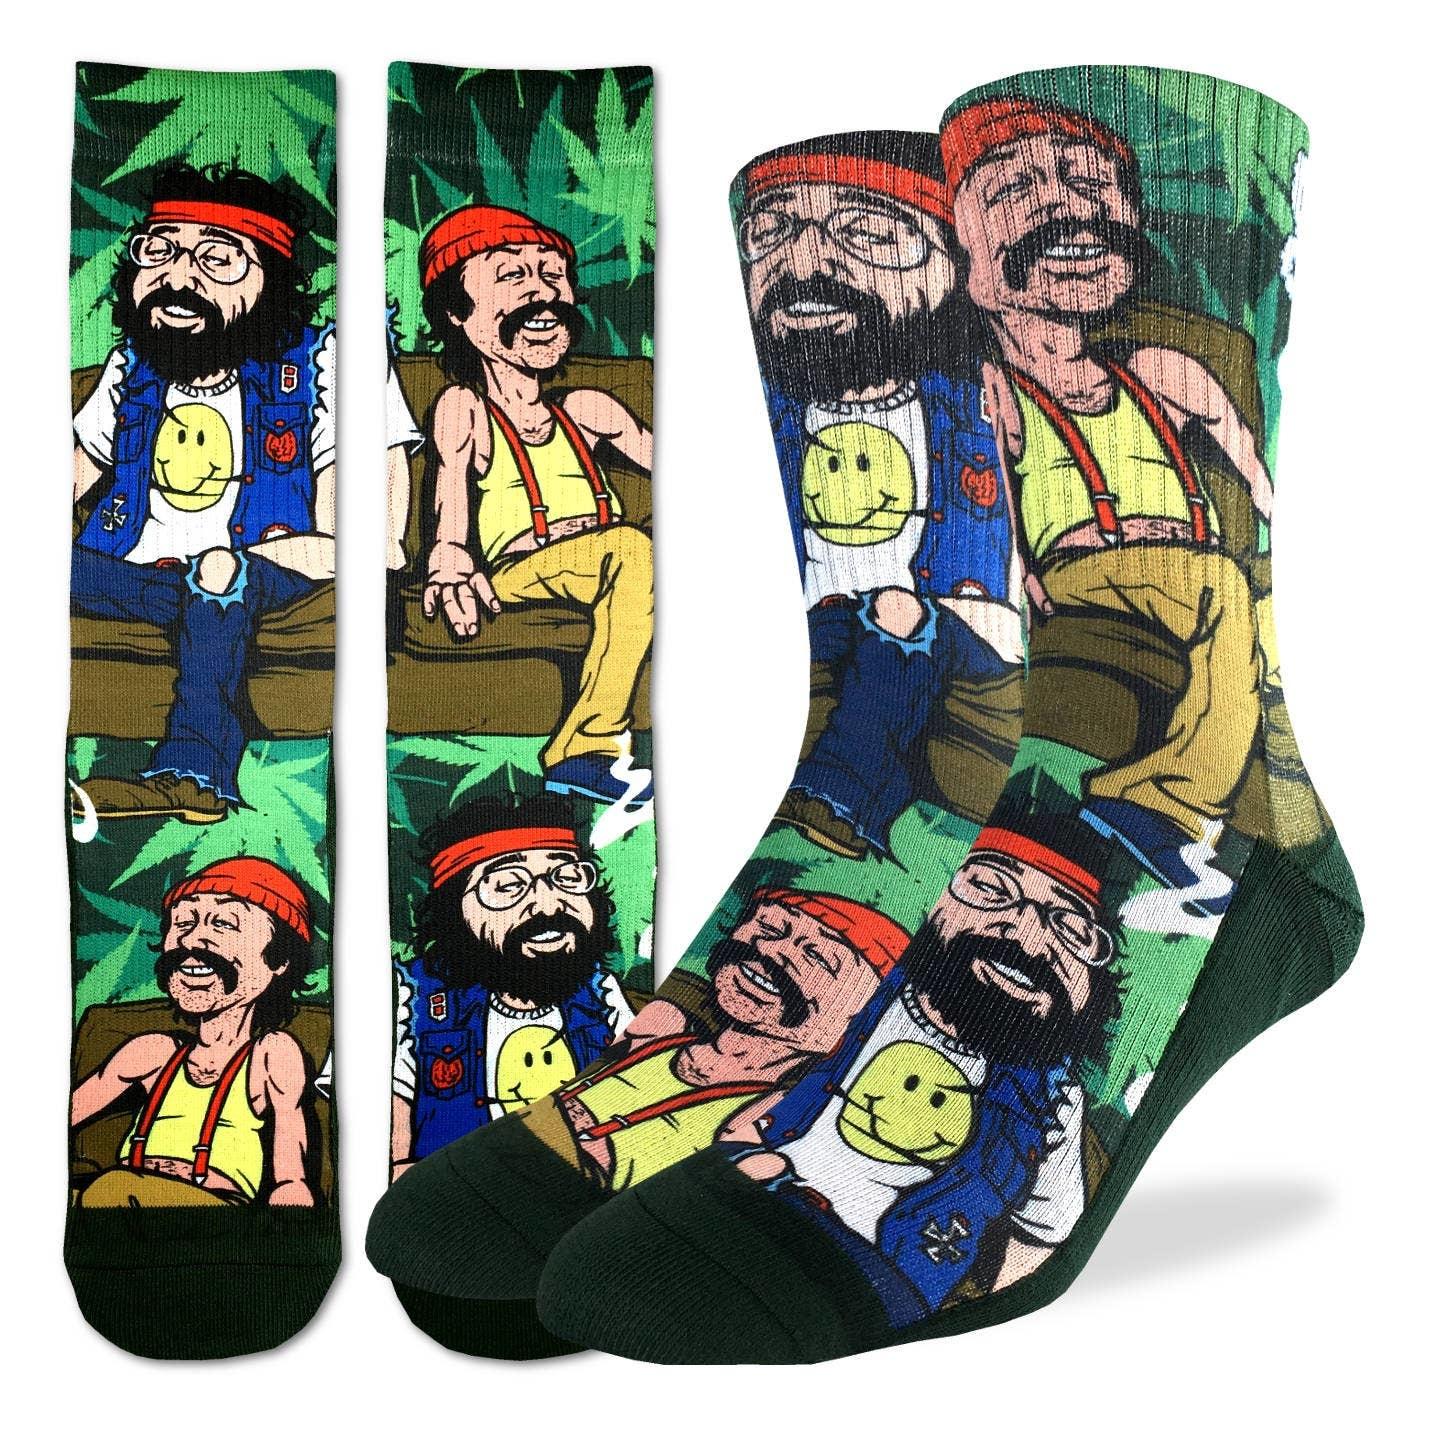 Cheech & Chong Men's Crew Socks